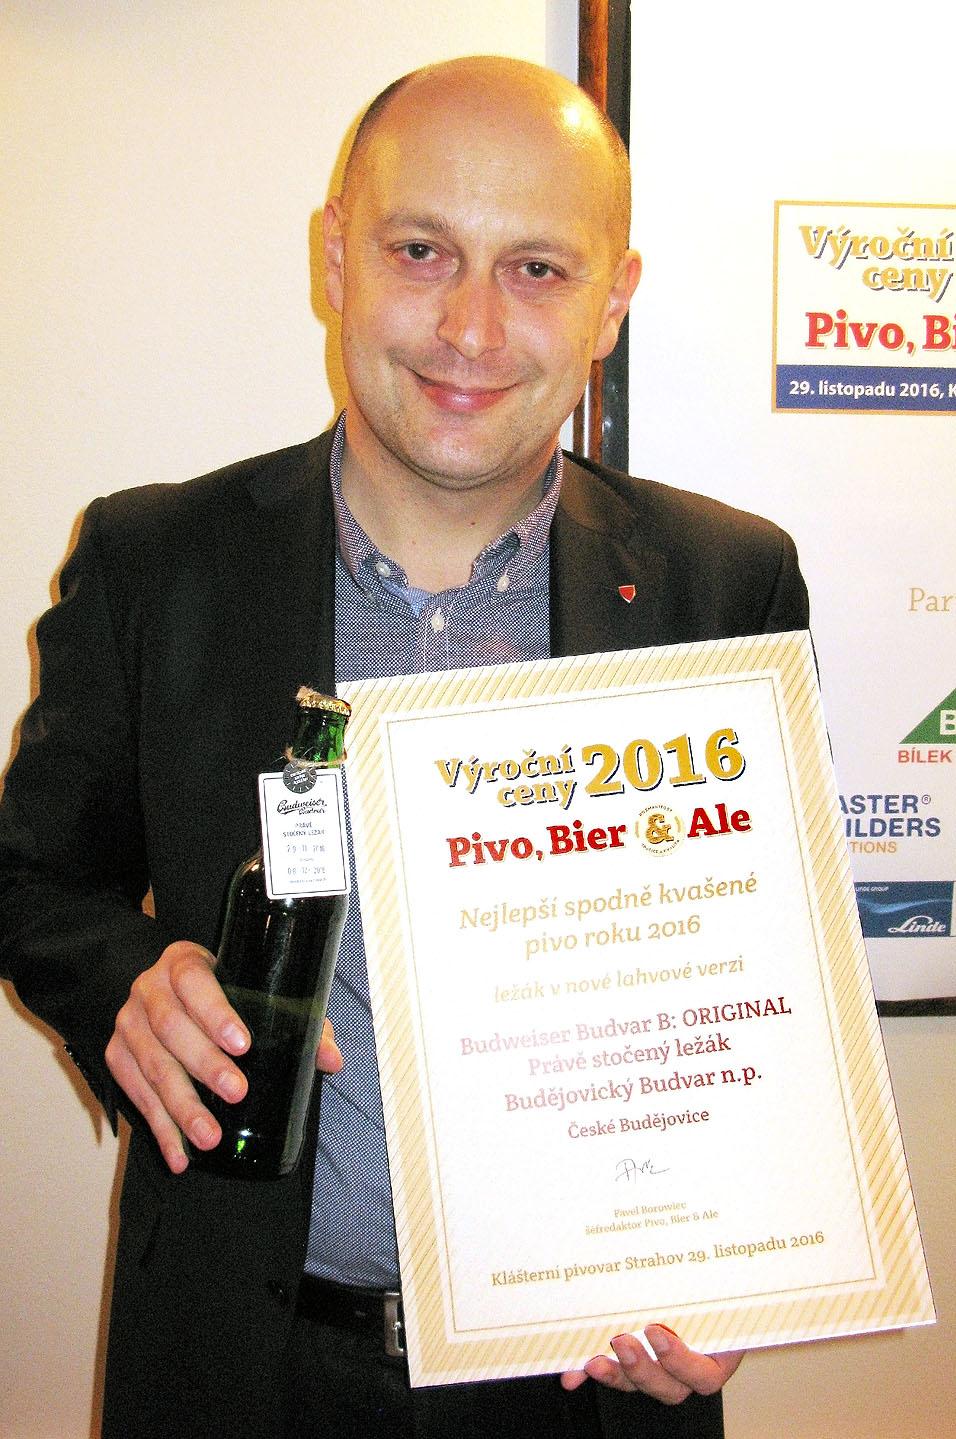 Sládek Budějovického budvaru Adam Brož převzal výroční cenu za Právě stočený ležák